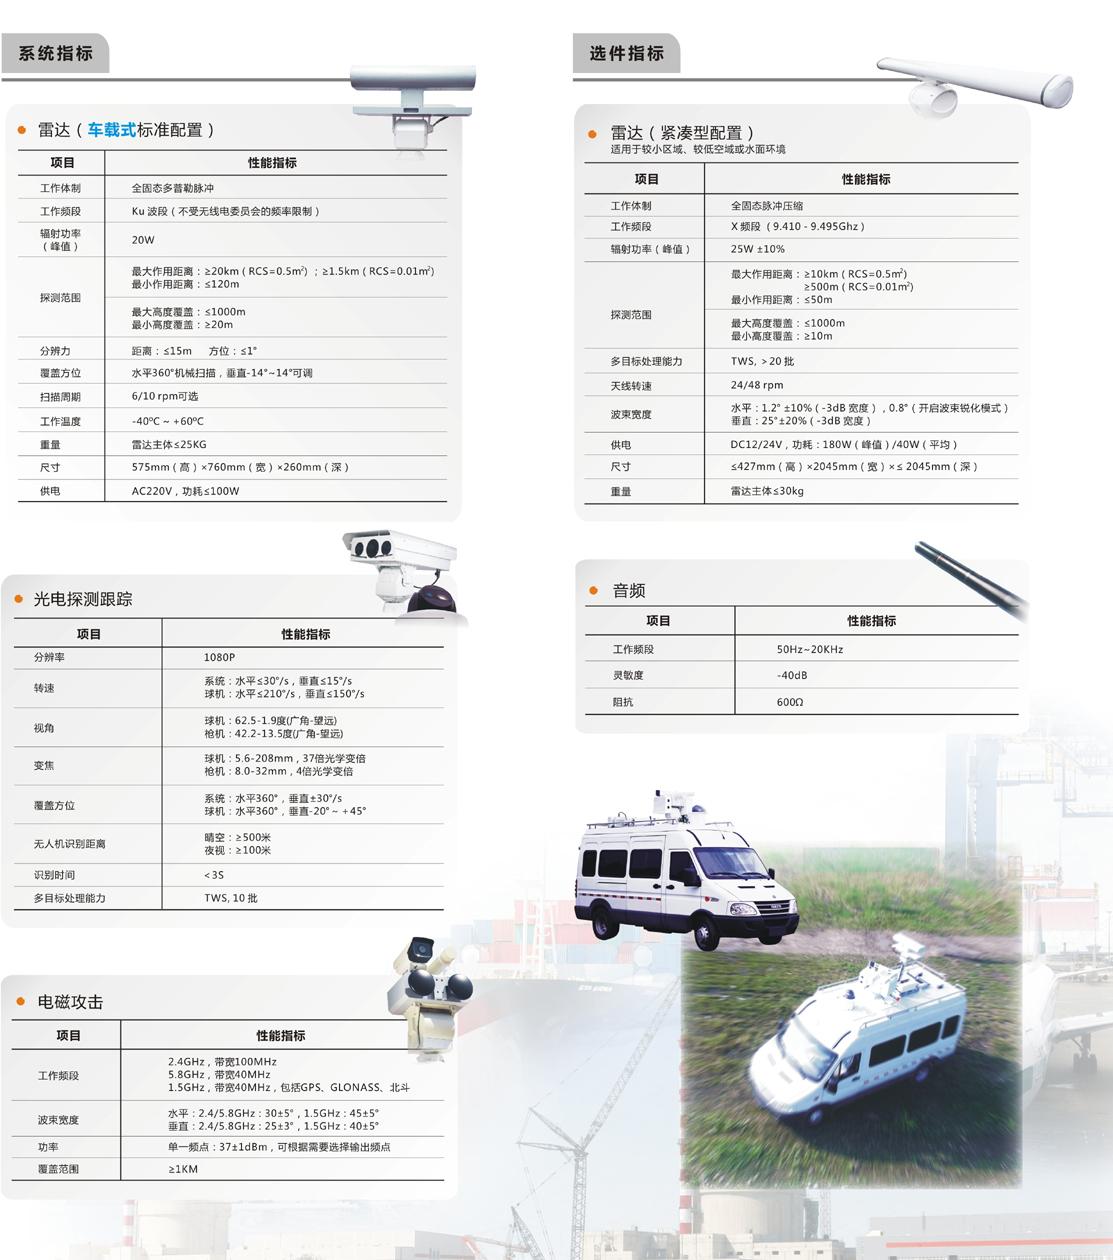 车载式无人机反制系统-详情